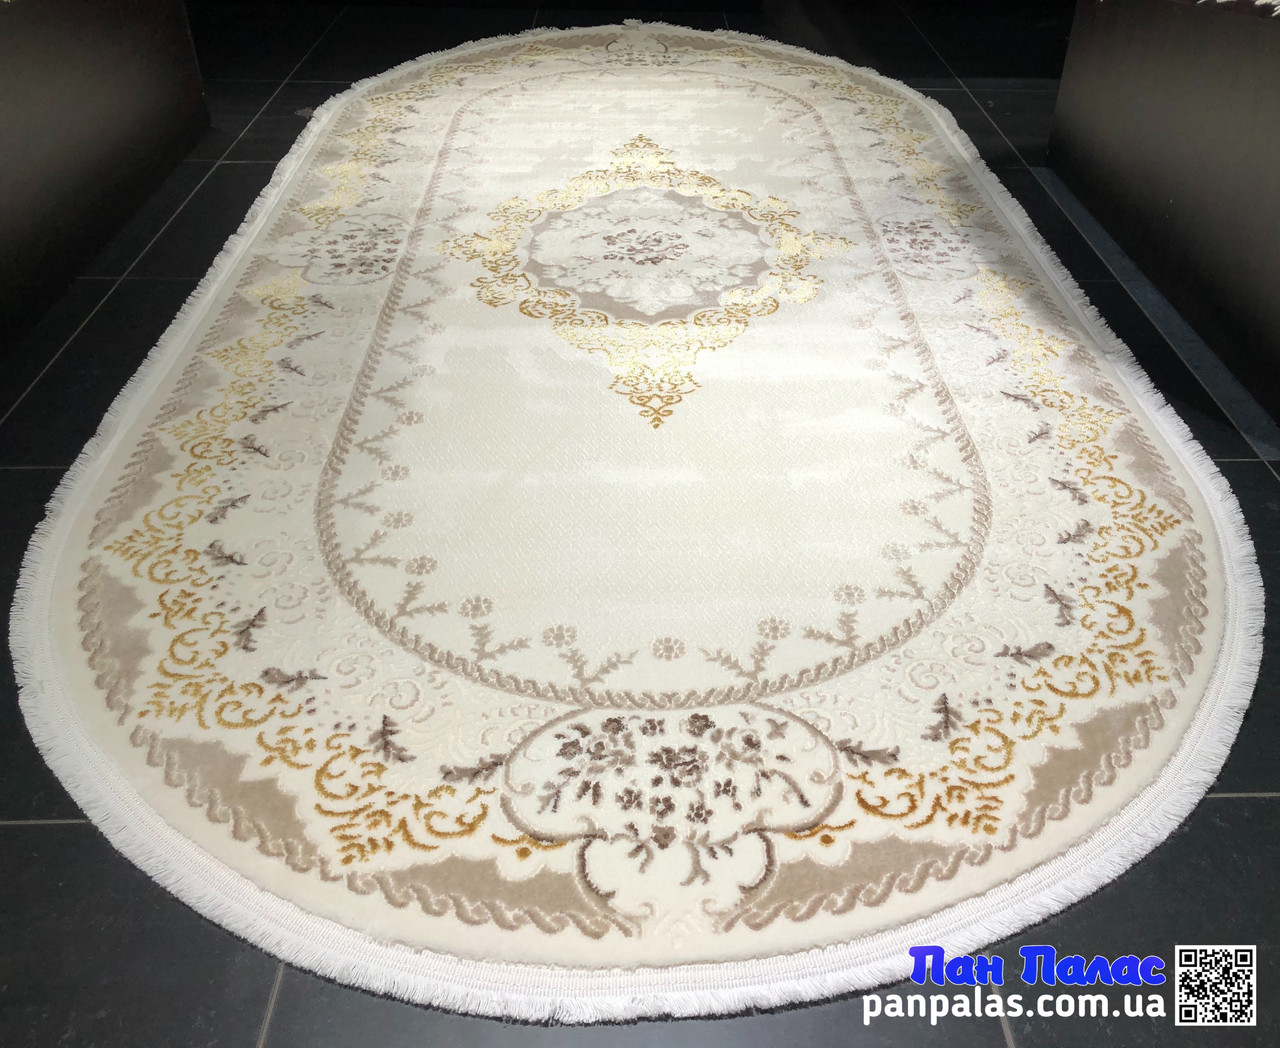 200х400 см. Ковер Paris 50 beg. Art carpet, овал и прямой.